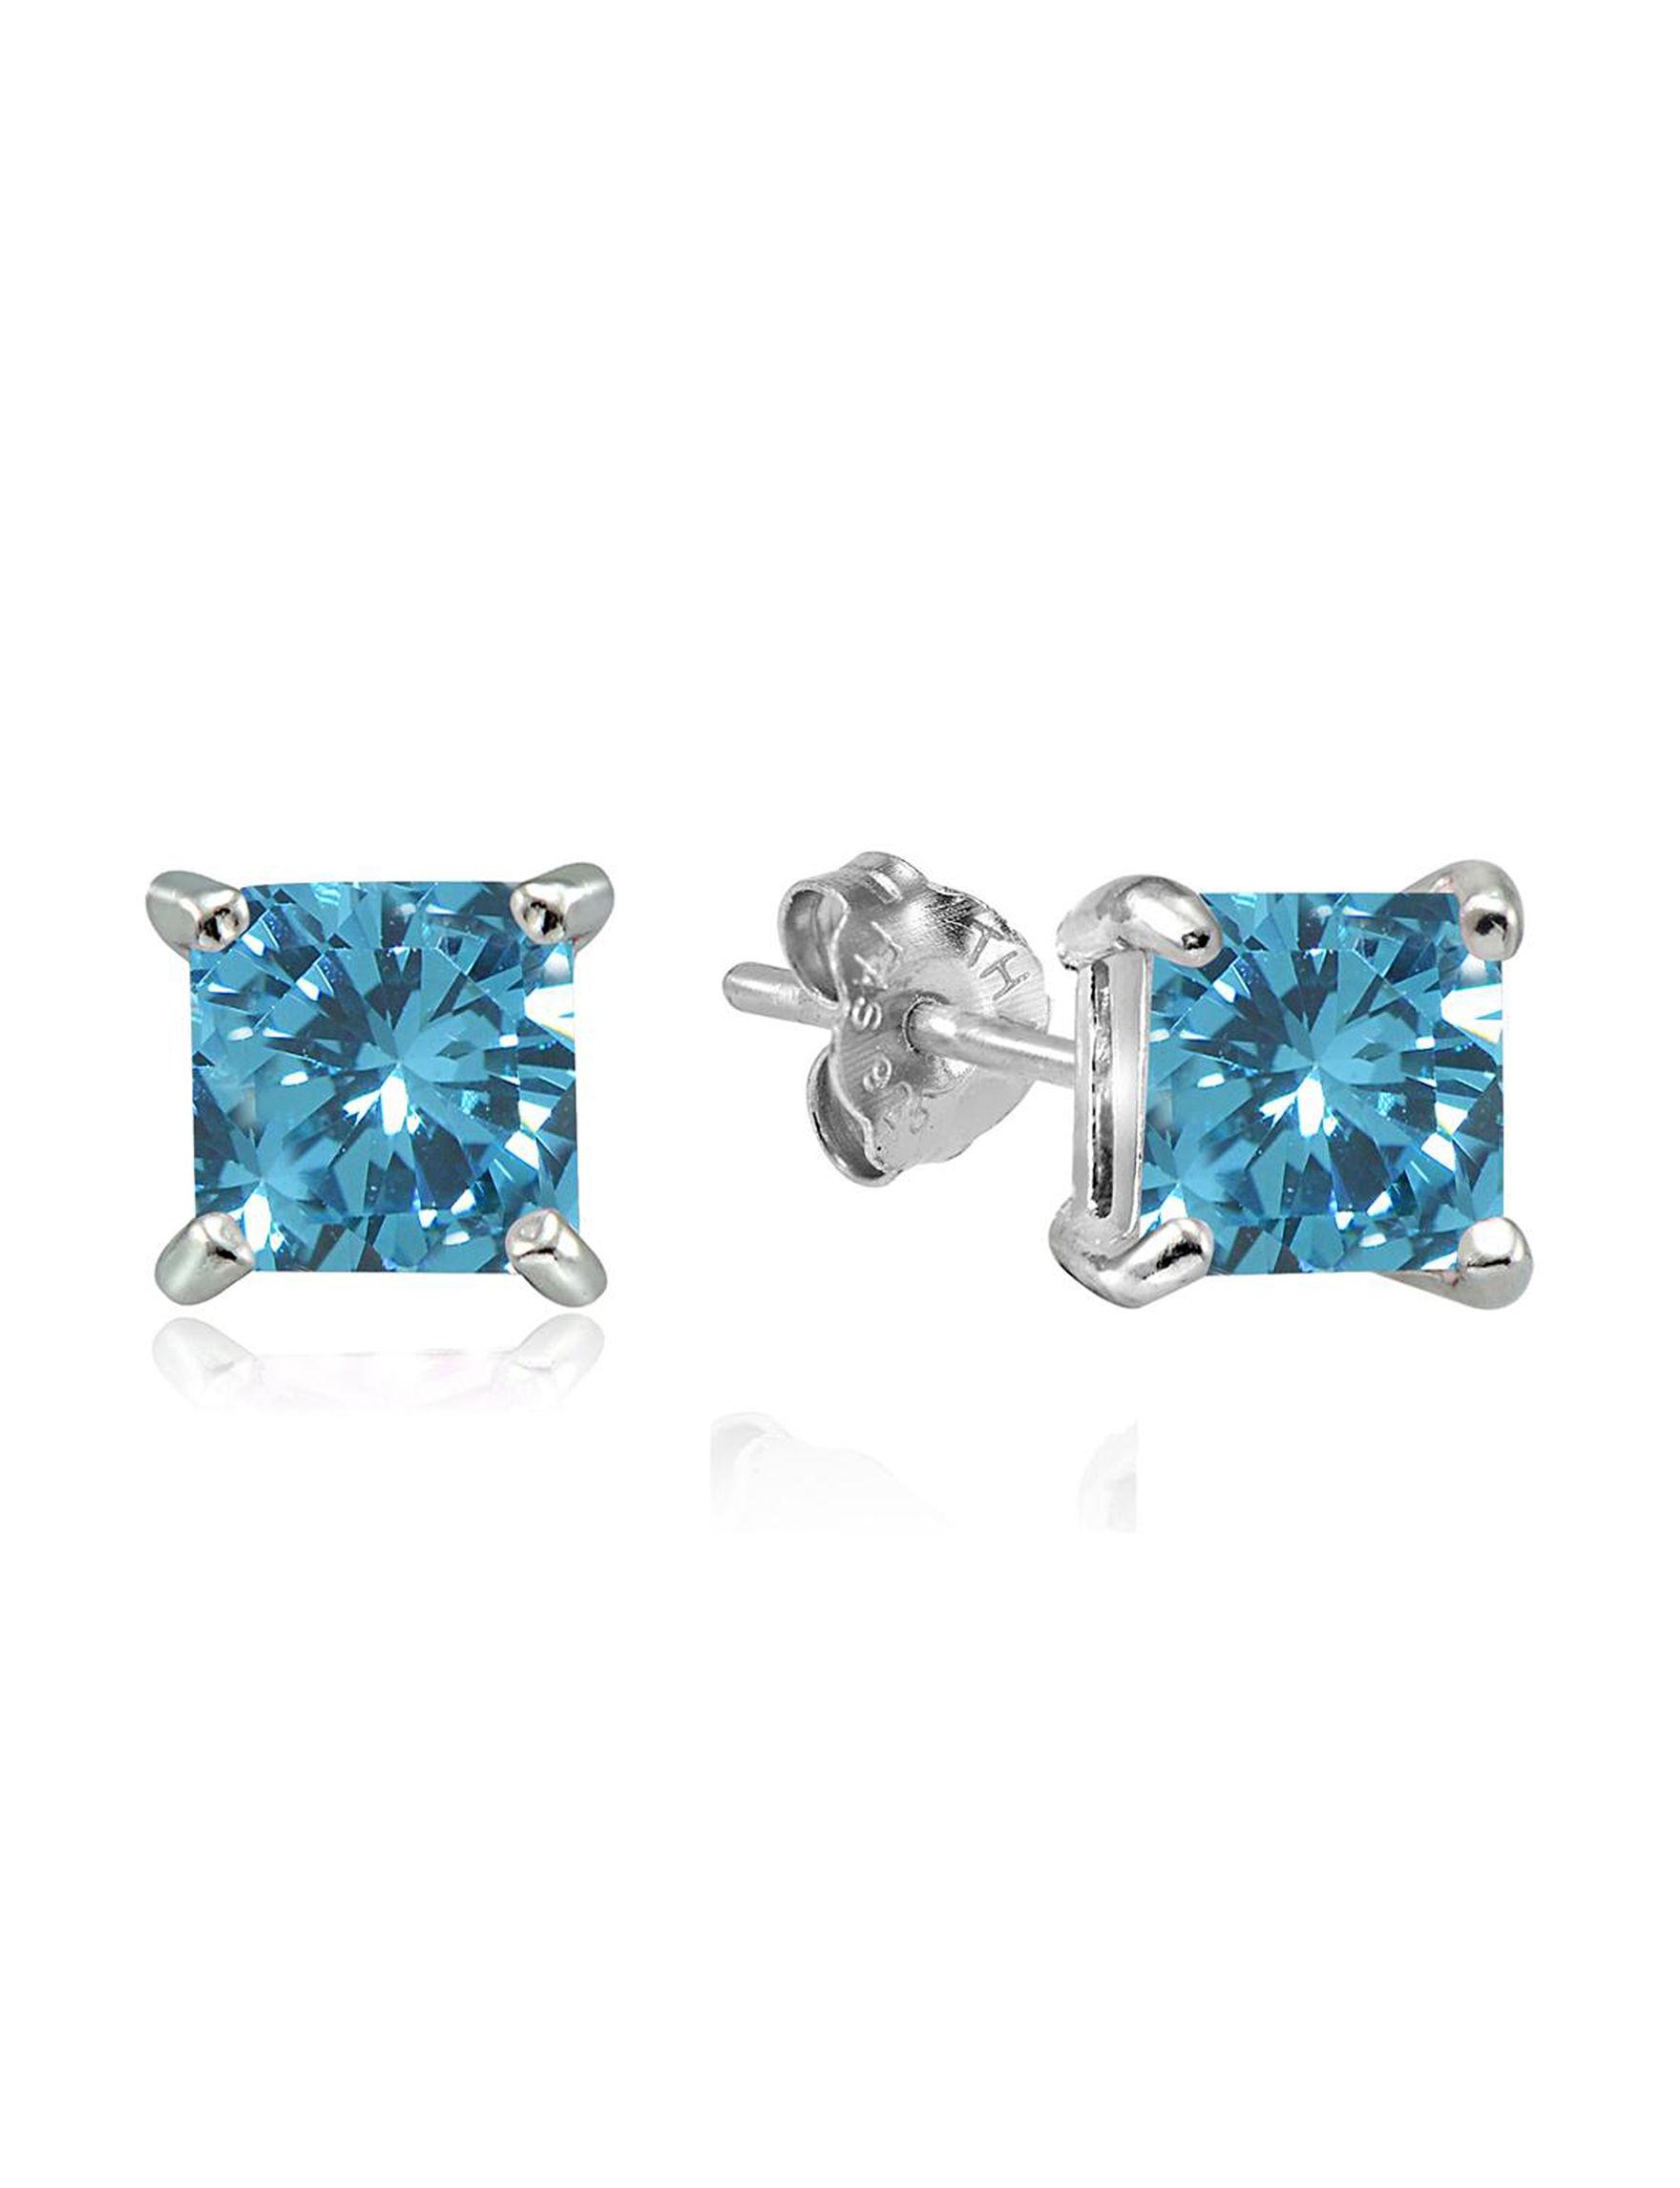 FMC Silver / Aqua Stone Studs Earrings Fine Jewelry